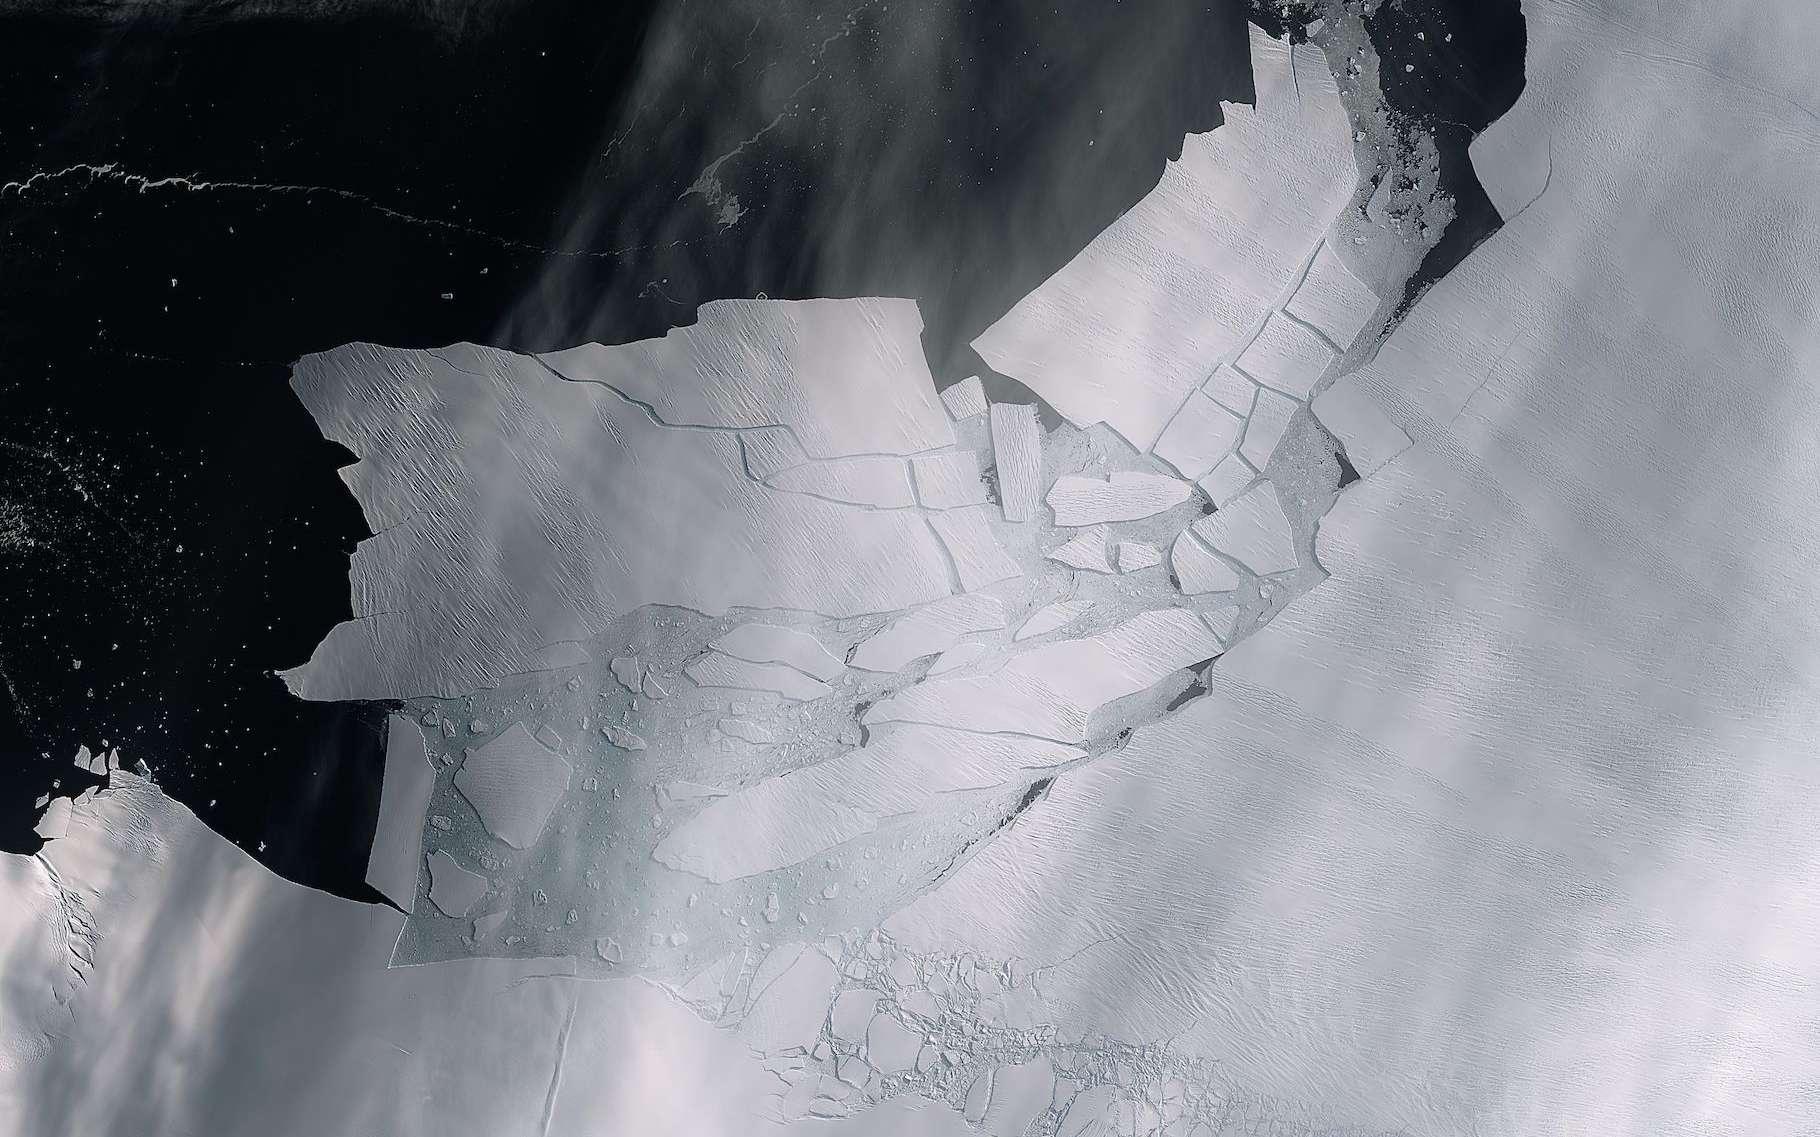 Des chercheurs de l'université de Northumbria (Royaume-Uni) montrent que la Pine Island Glacier, dans l'ouest de l'Antarctique, pourrait connaître un point de basculement entraînant un retrait irréversible et une élévation importante du niveau de la mer. © ESA